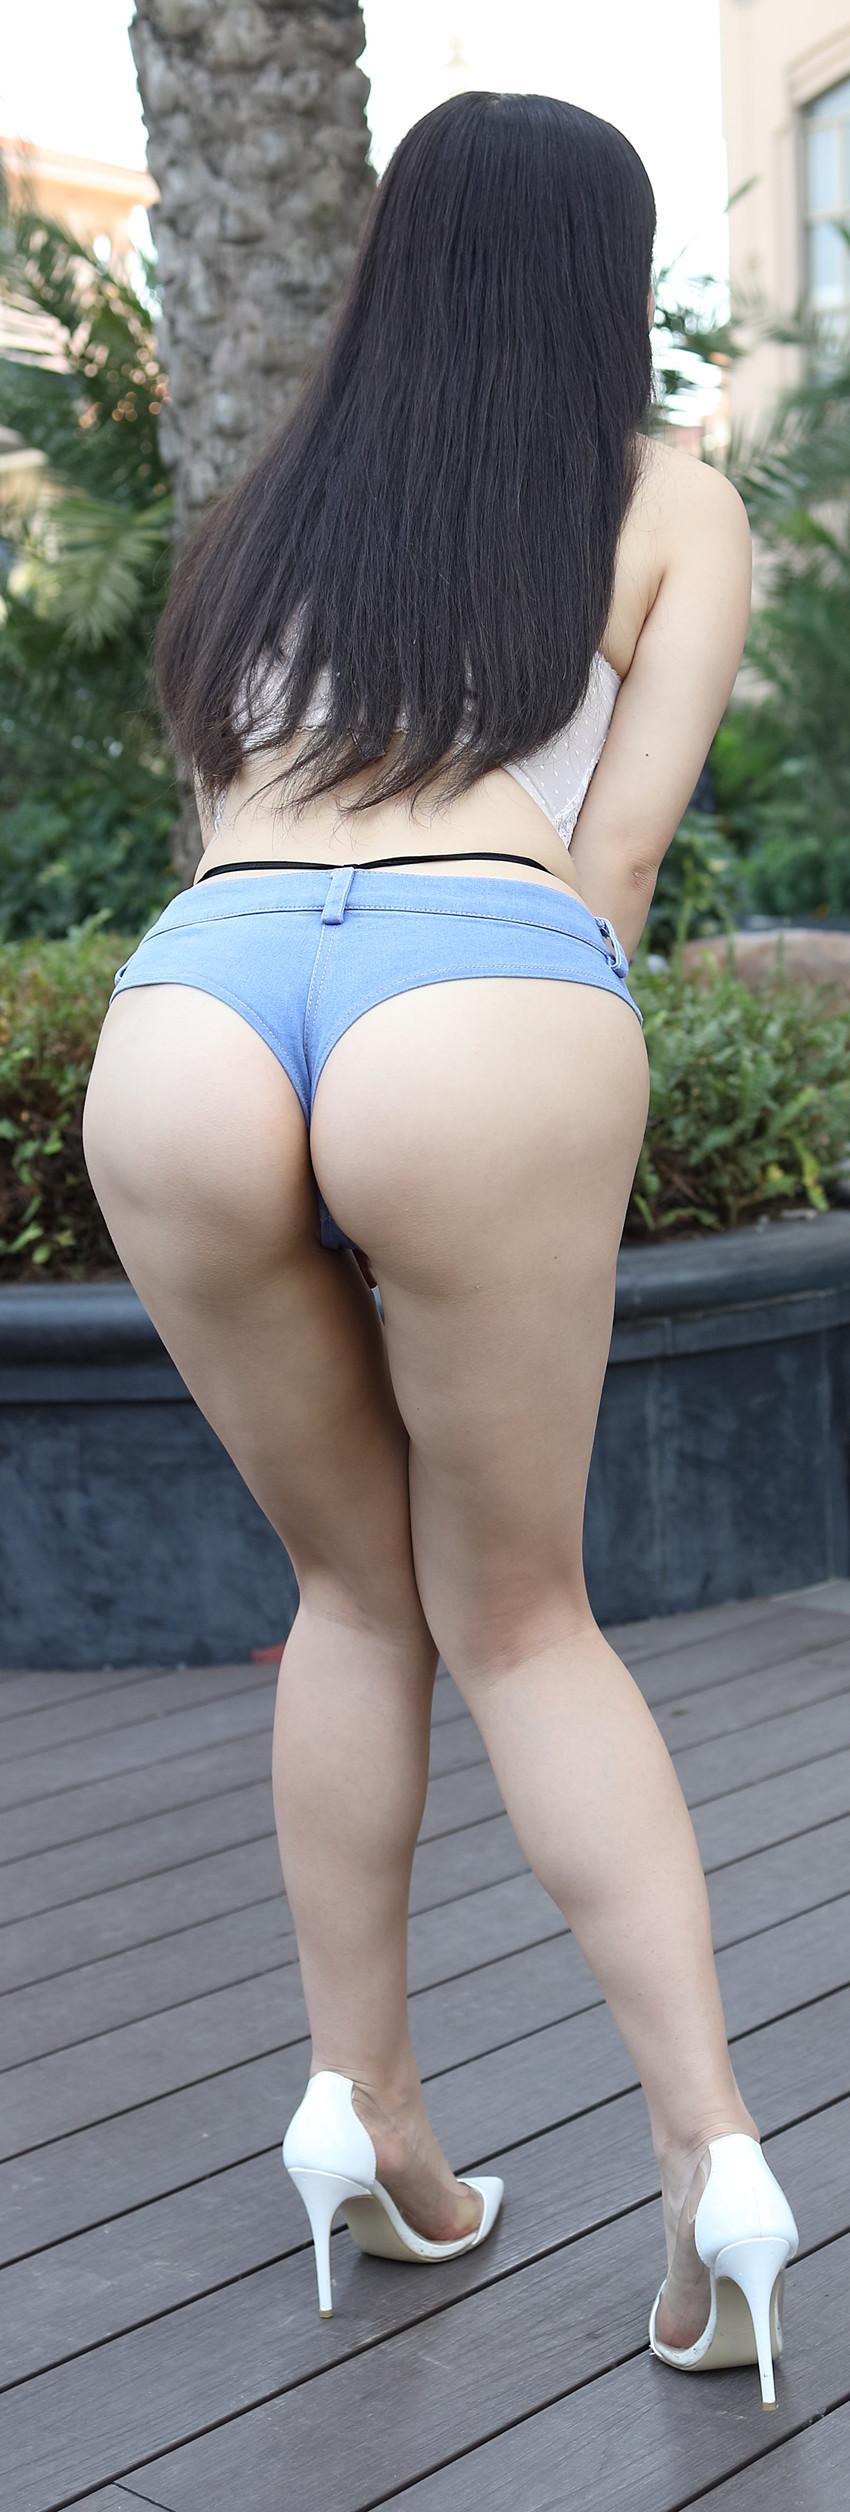 超短牛仔热裤